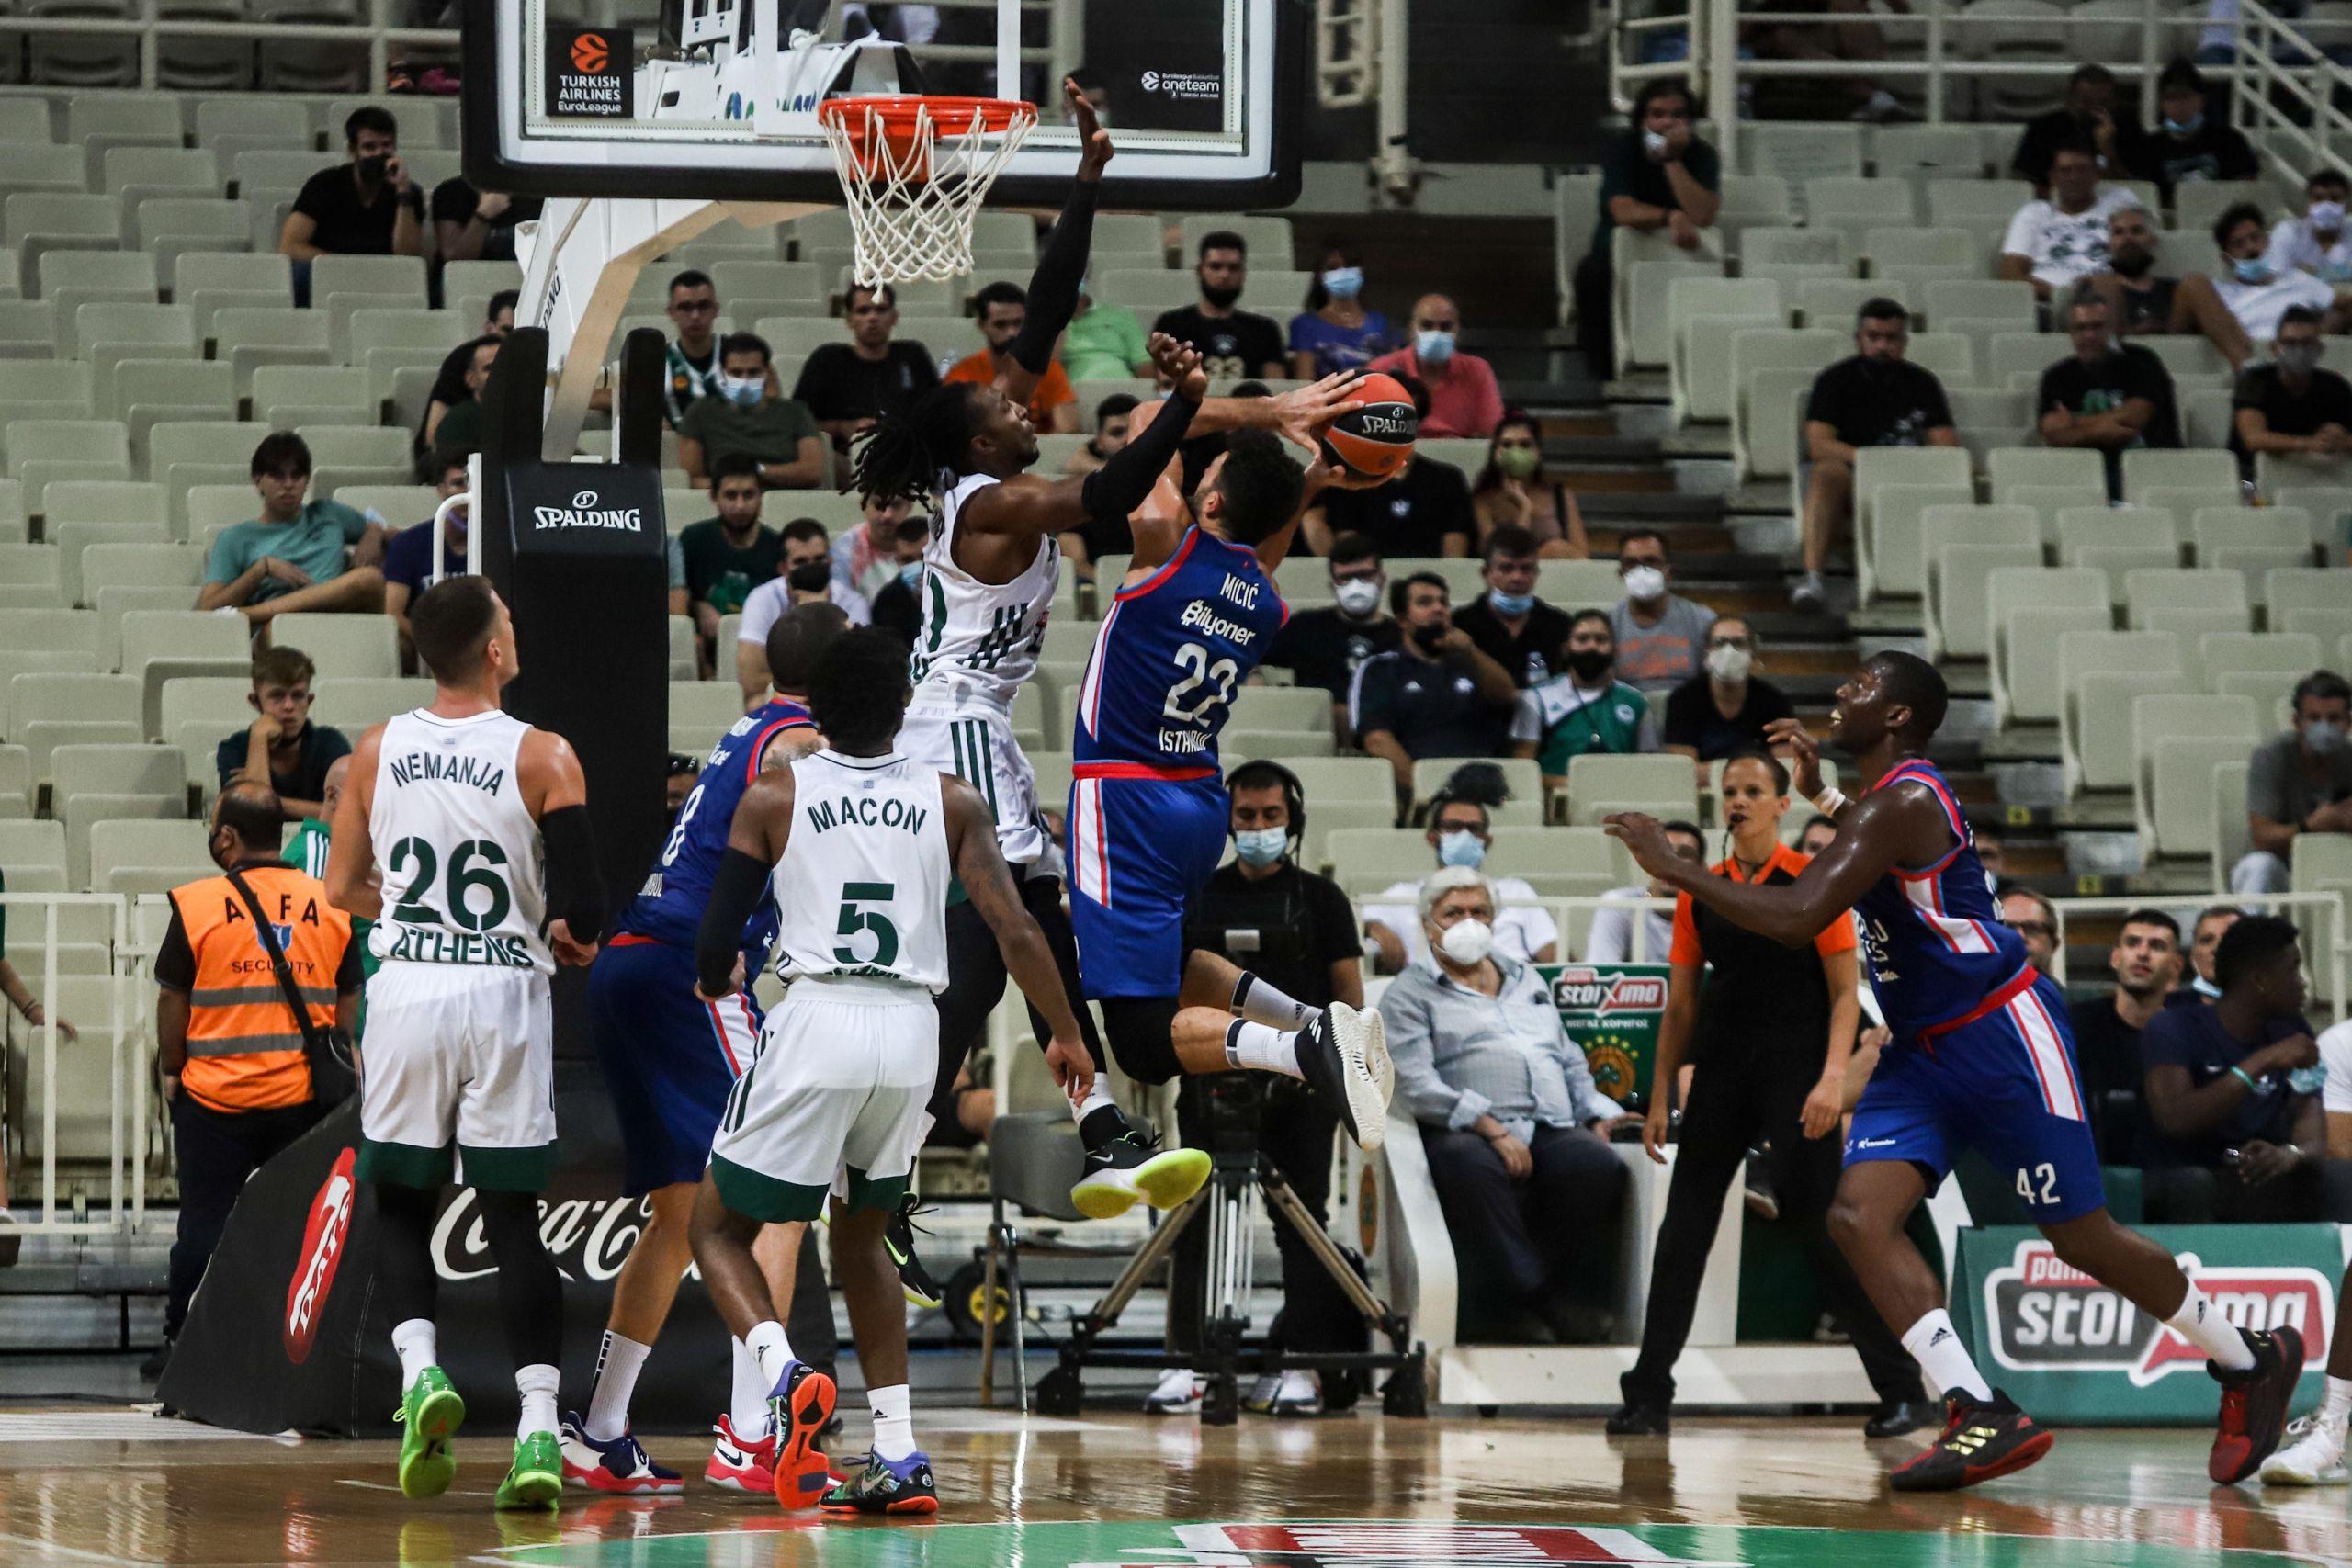 Παναθηναϊκός: Τα highlights της νίκης επί της Εφές (Vid)   panathinaikos24.gr